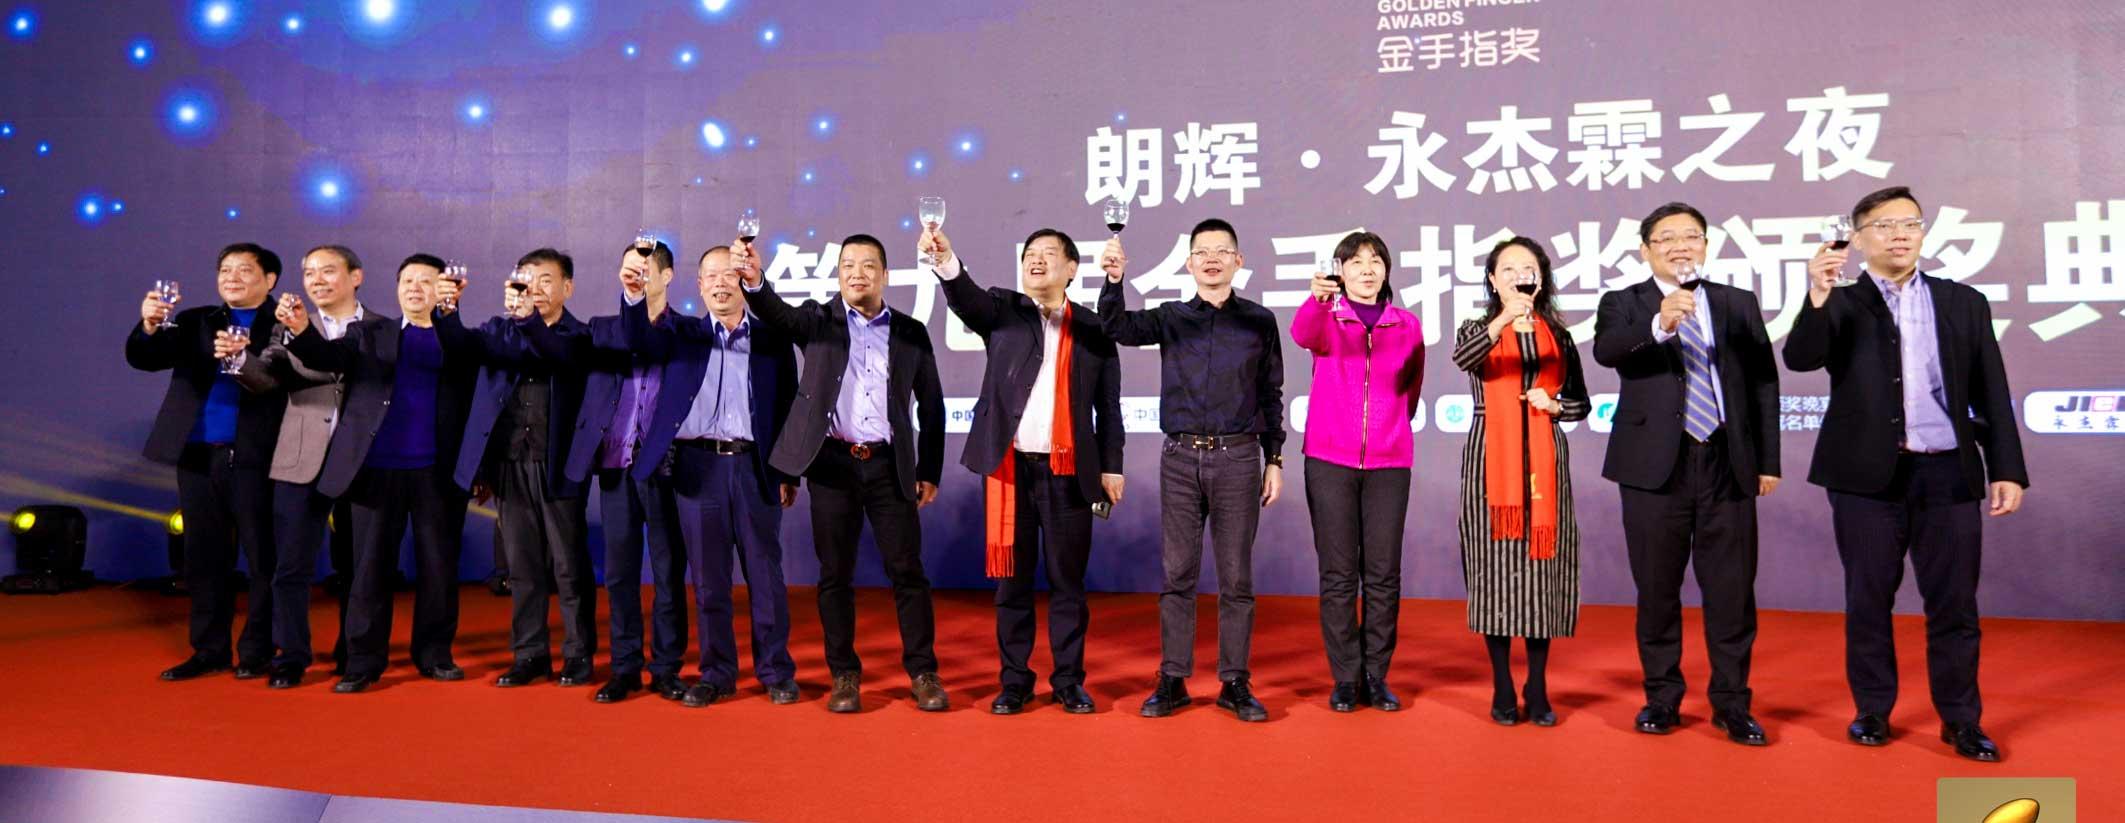 """第九届""""金手指奖""""颁奖典礼在南京隆重举行"""